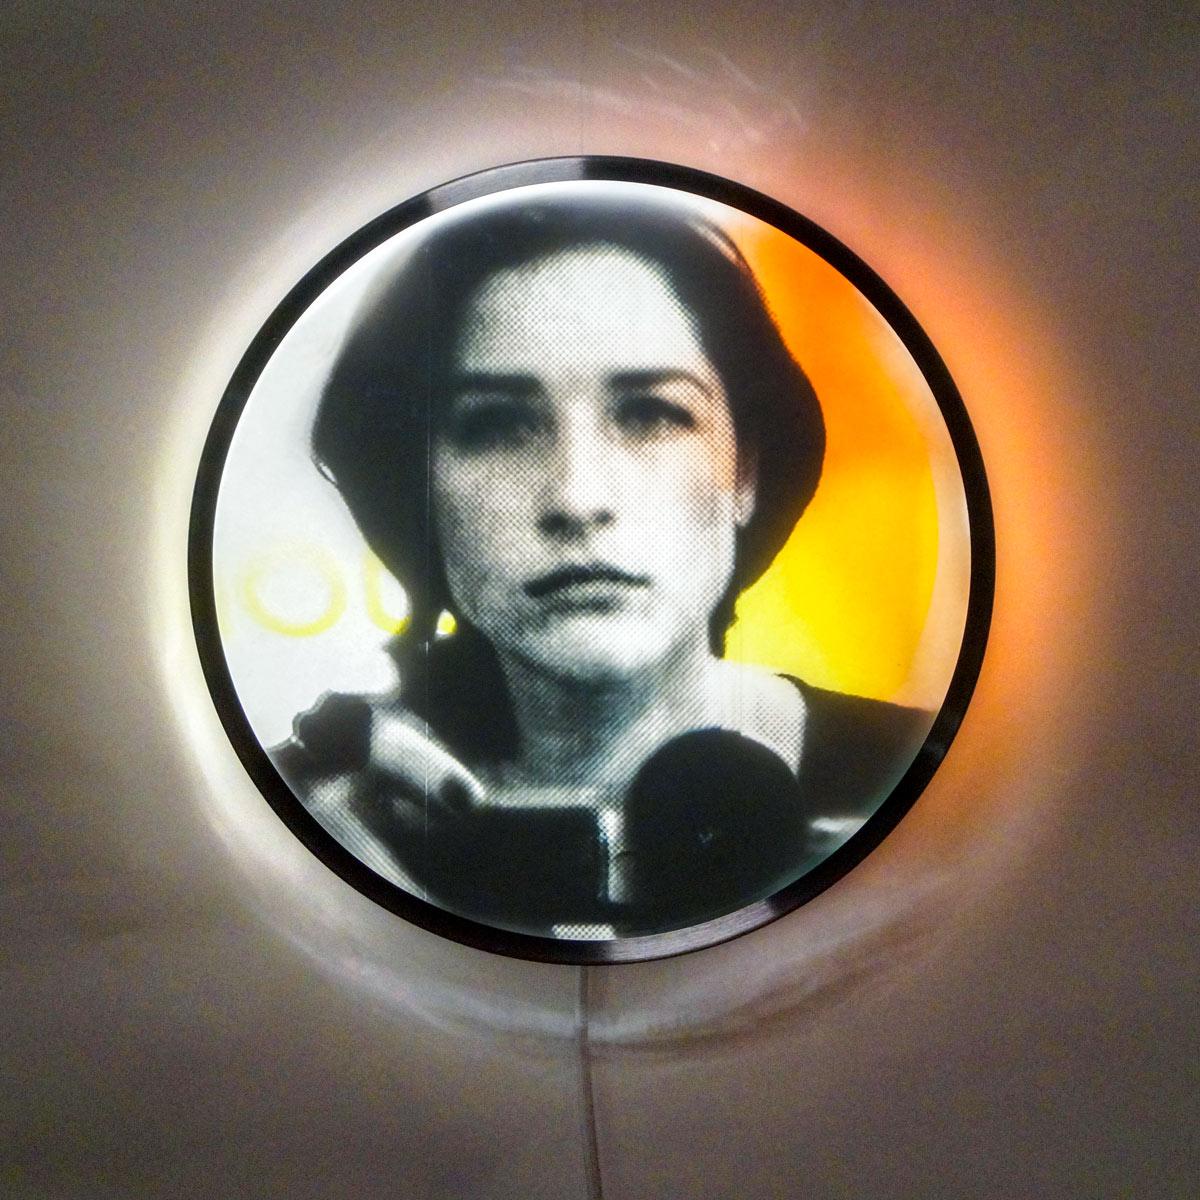 ... Follows You (01), interaktives Lichtobjekt, Part von Desir de maintenant, ø 31 cm, 2020